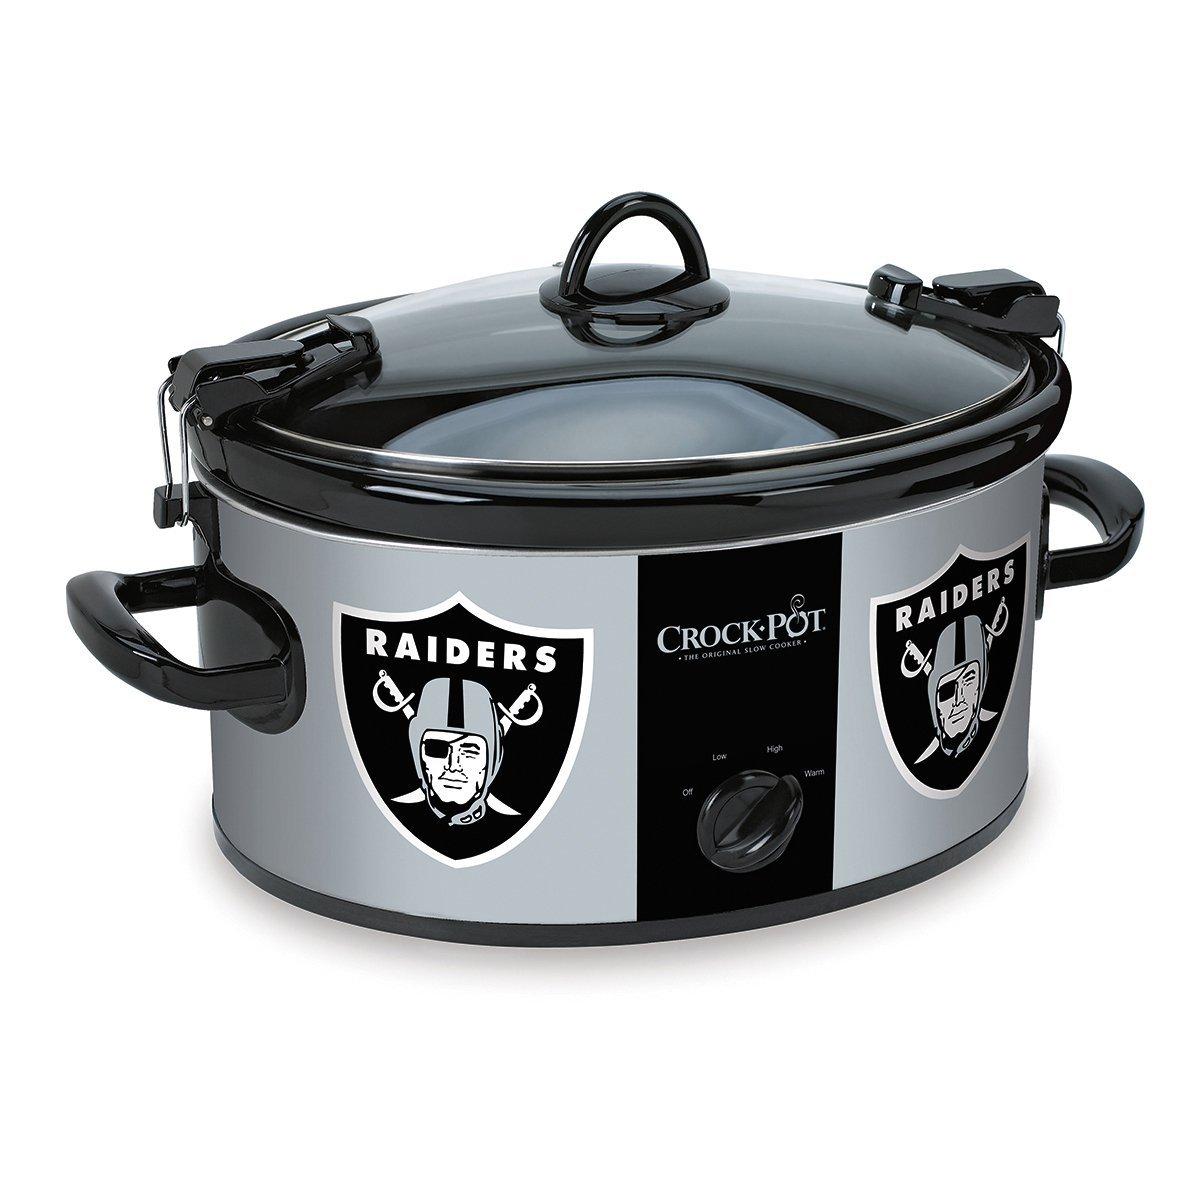 Crock-Pot SCCPNFL600-OR Oakland Raiders Cook & Carry Slow Cooker, Black